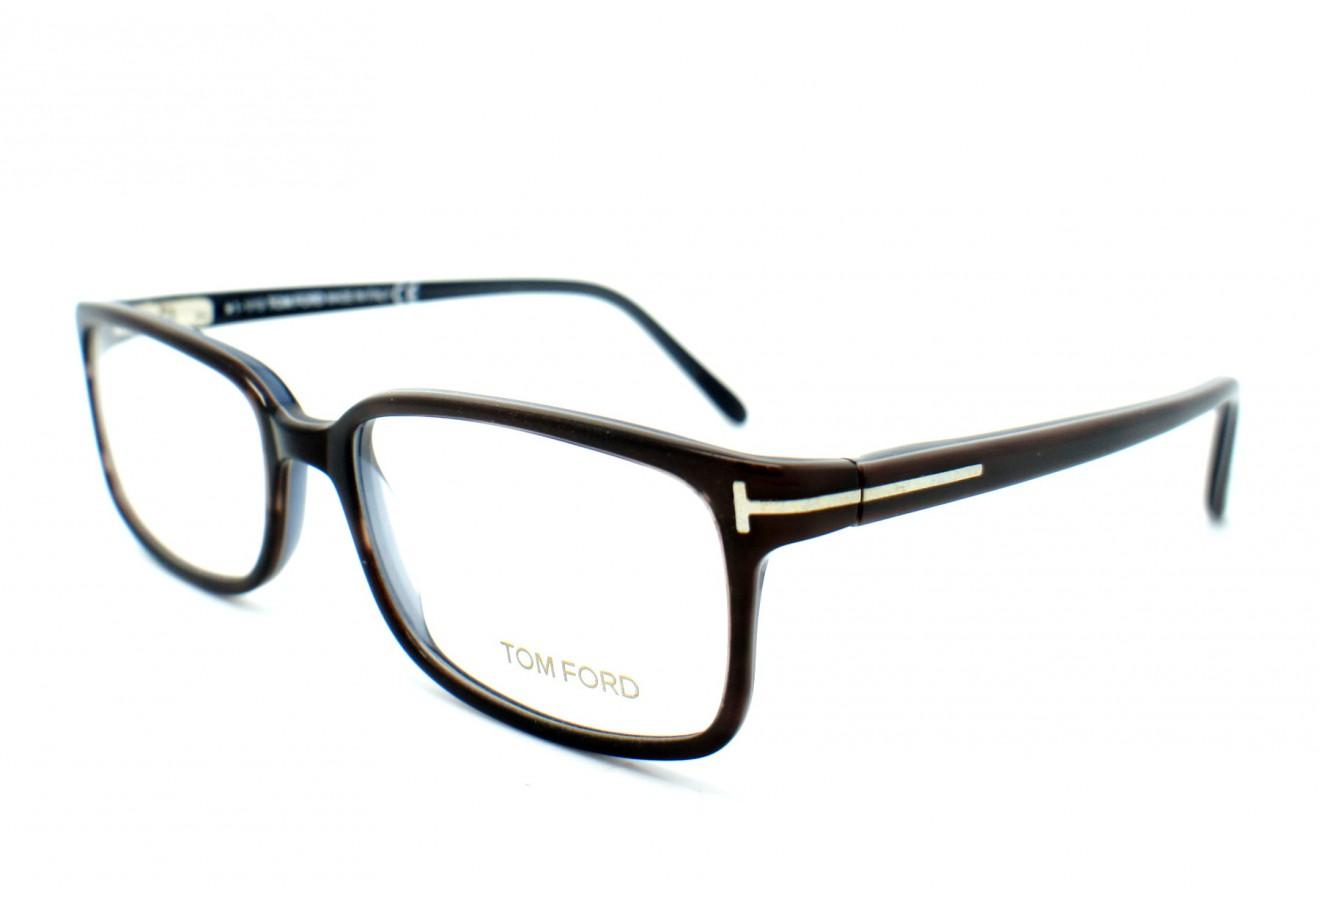 lunette de vue les diff rents types de lunettes de la marque ray ban. Black Bedroom Furniture Sets. Home Design Ideas